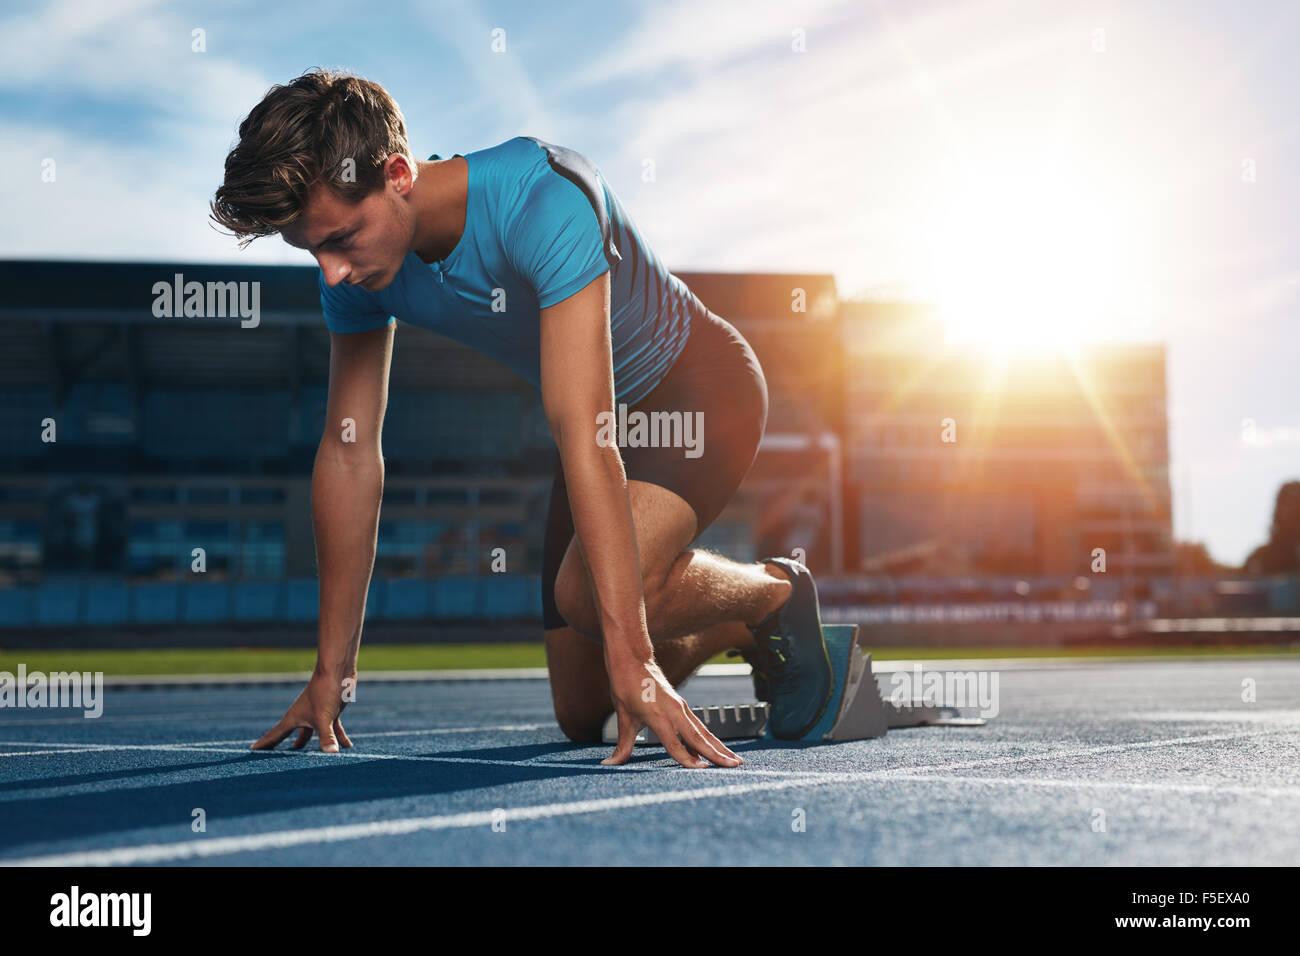 Jeune homme sportif au bloc de départ sur une piste de course. Jeune homme en position de départ pour Photo Stock